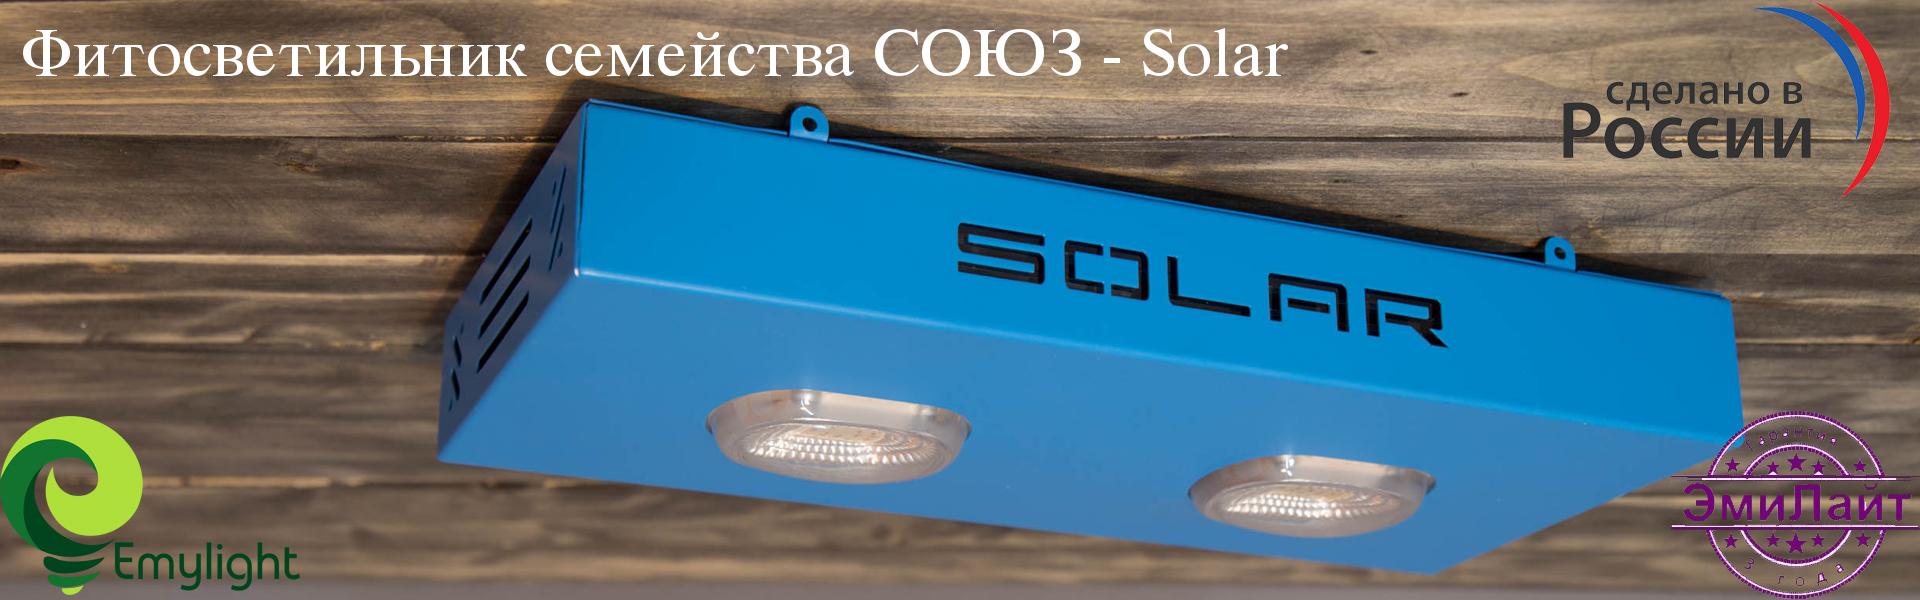 Фитосветильник СОЮЗ Solar